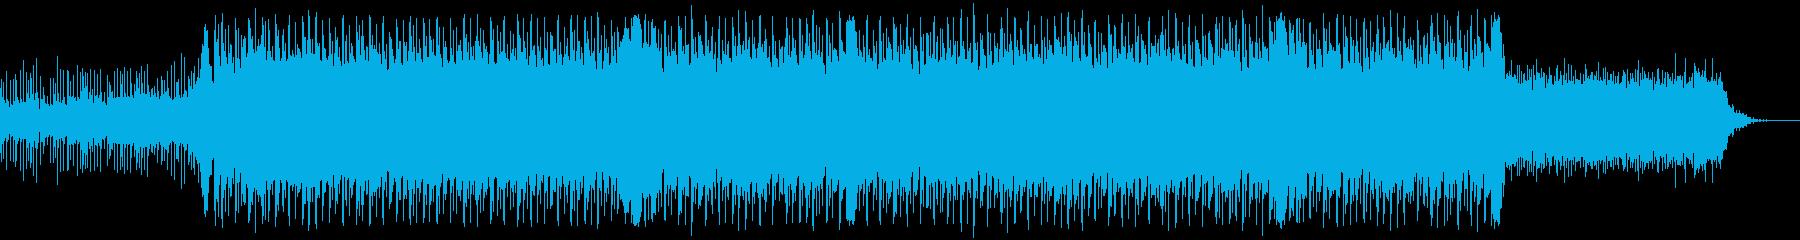 企業VP系、爽やか4つ打ちギターポップの再生済みの波形